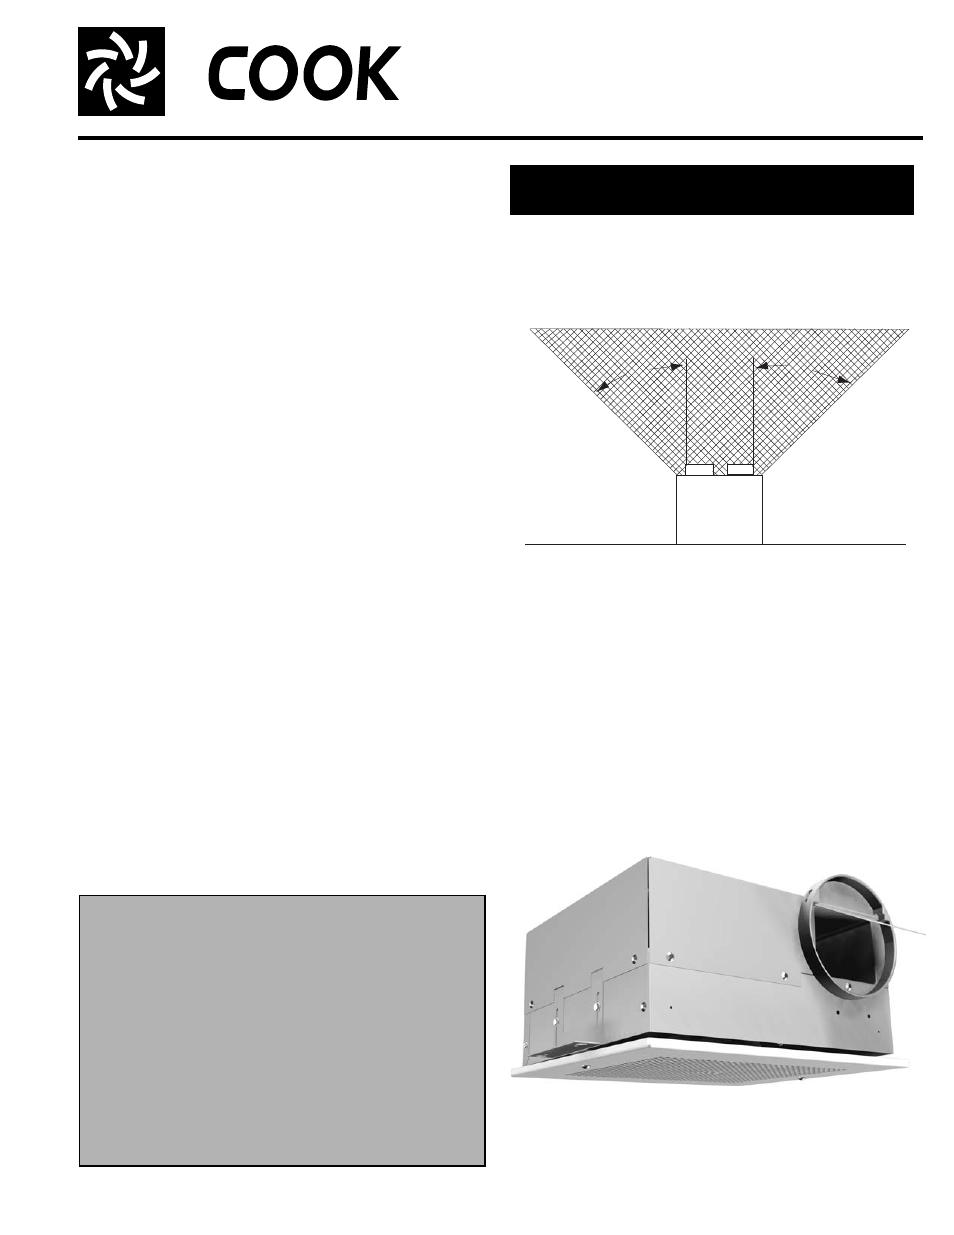 Cook Gemini 100 Series User Manual 4 Pages